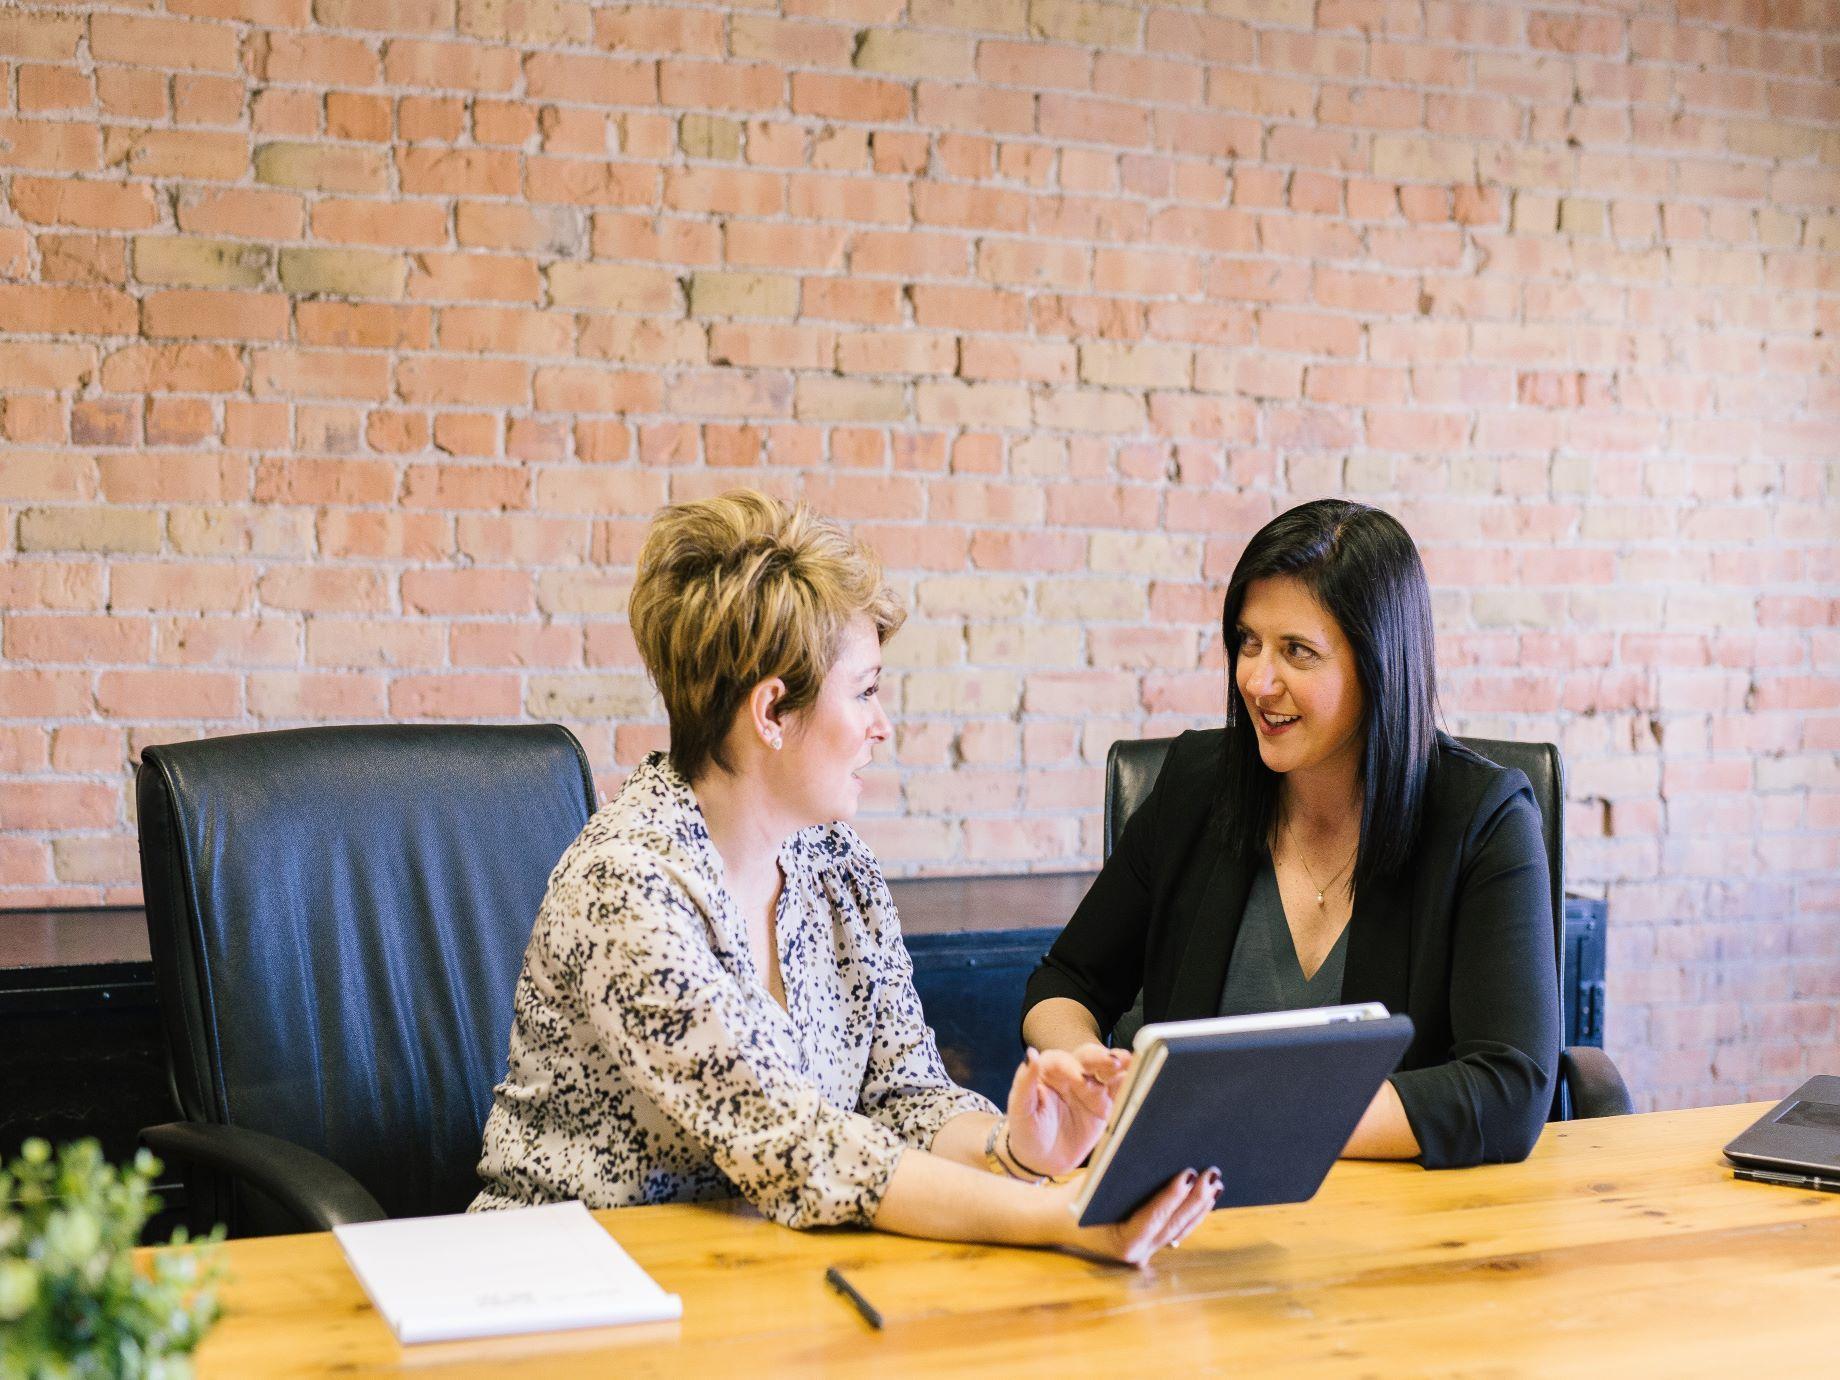 【業務必看】總是被其他人搶單?5大法則帶你讀懂客戶「隱性需求」,穩穩成交